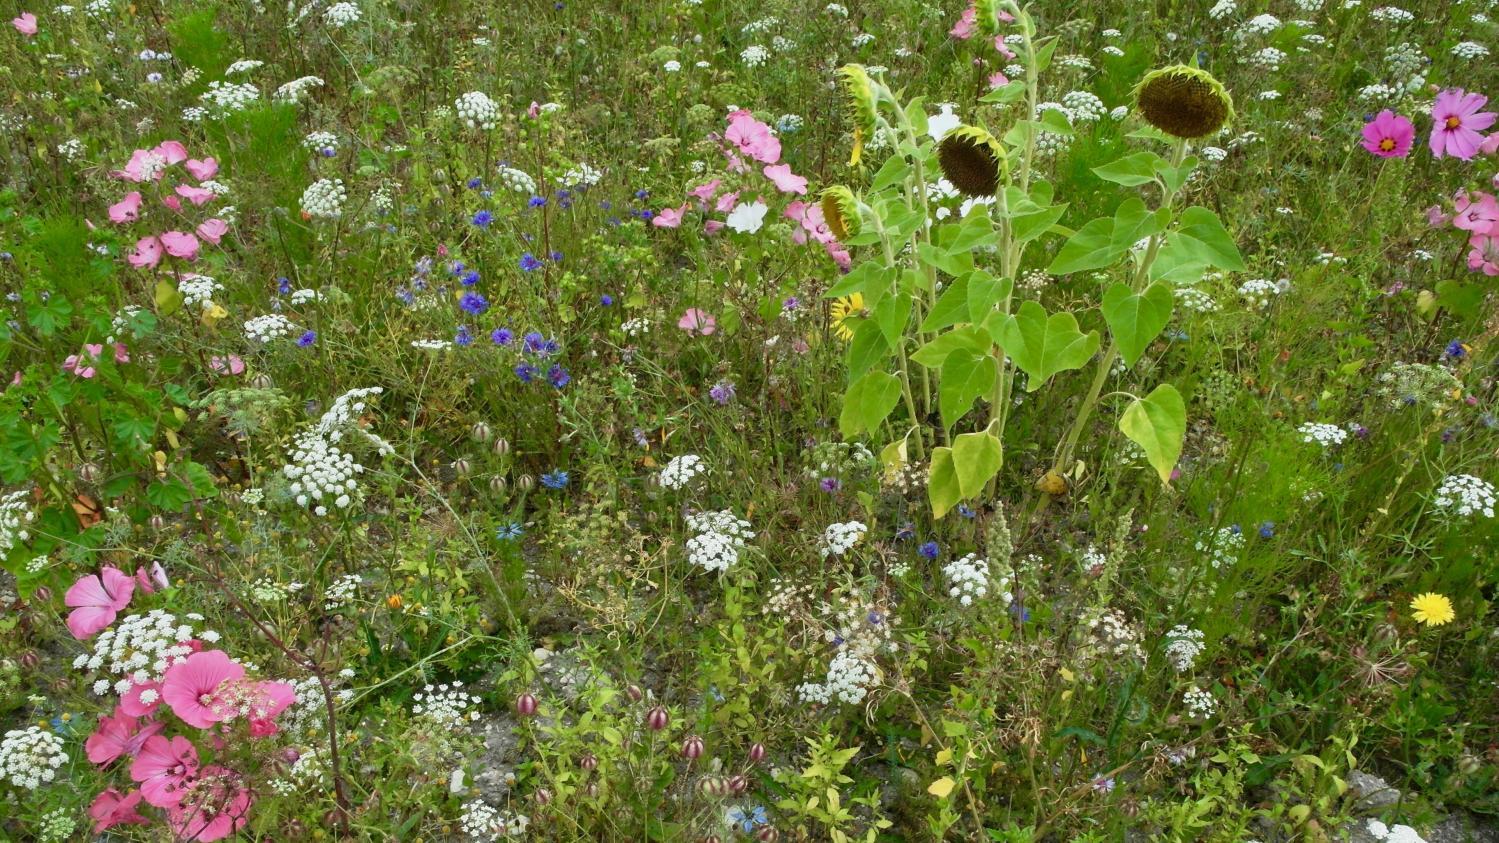 Planter Des Coquelicots Dans Son Jardin jardin. quand et comment semer une prairie fleurie